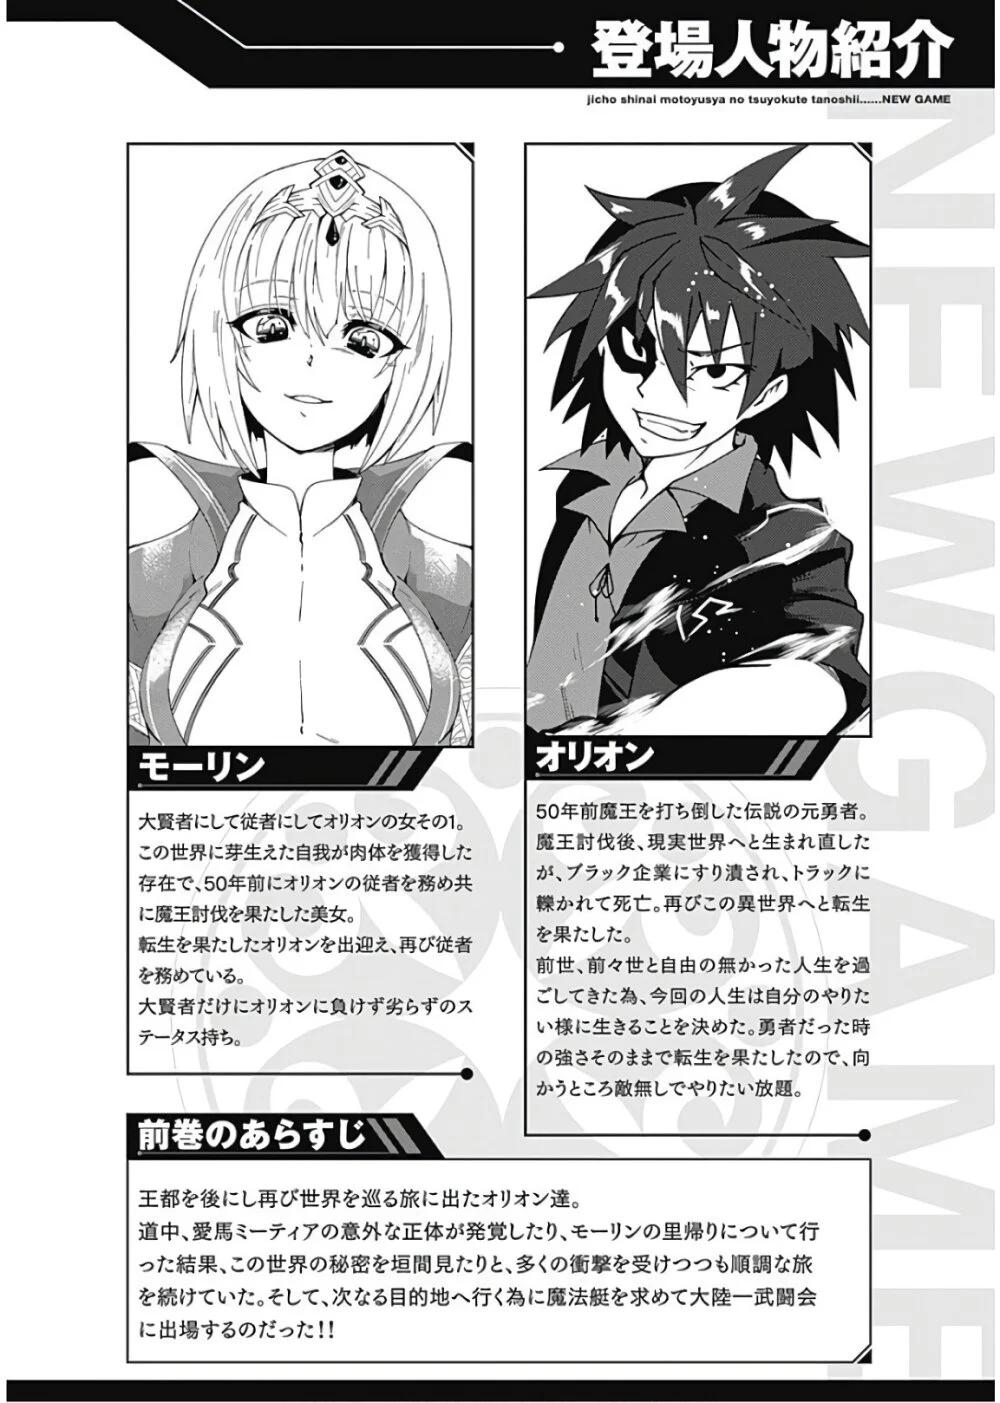 อ่านการ์ตูน Jichou shinai Motoyuusha no Tsuyokute Tanoshii New Game ตอนที่ 47 หน้าที่ 3